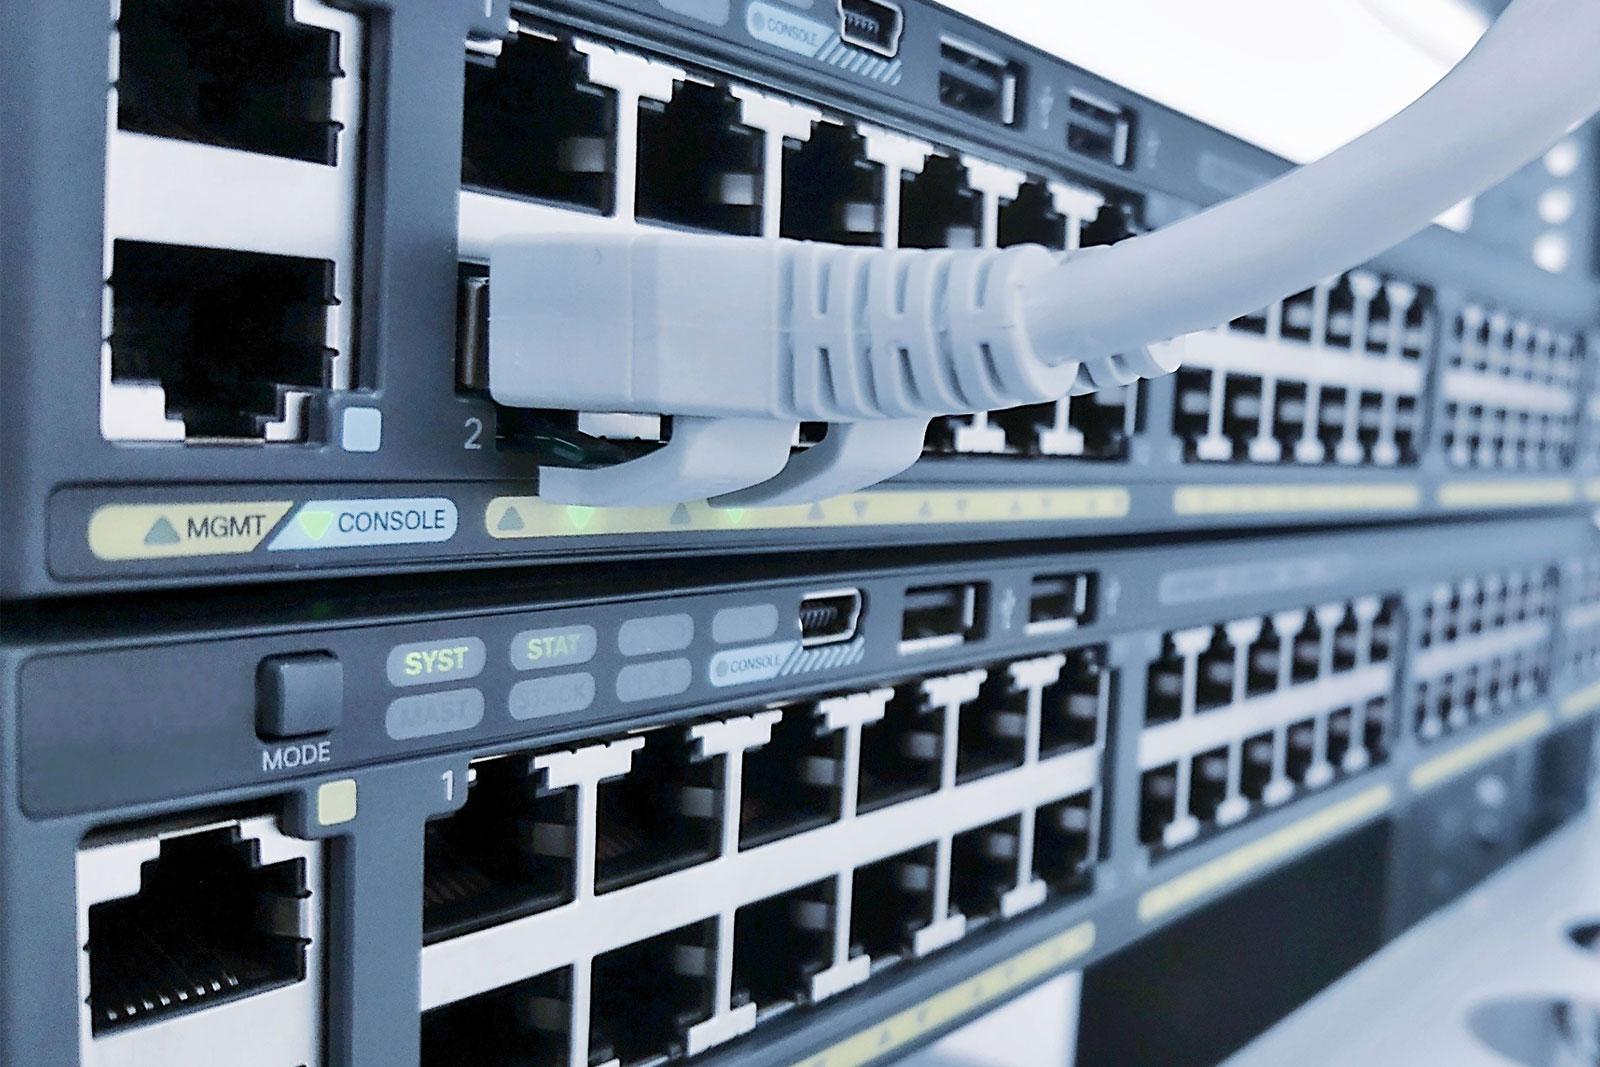 Das Bild zeigt einen Netzwerkswitch